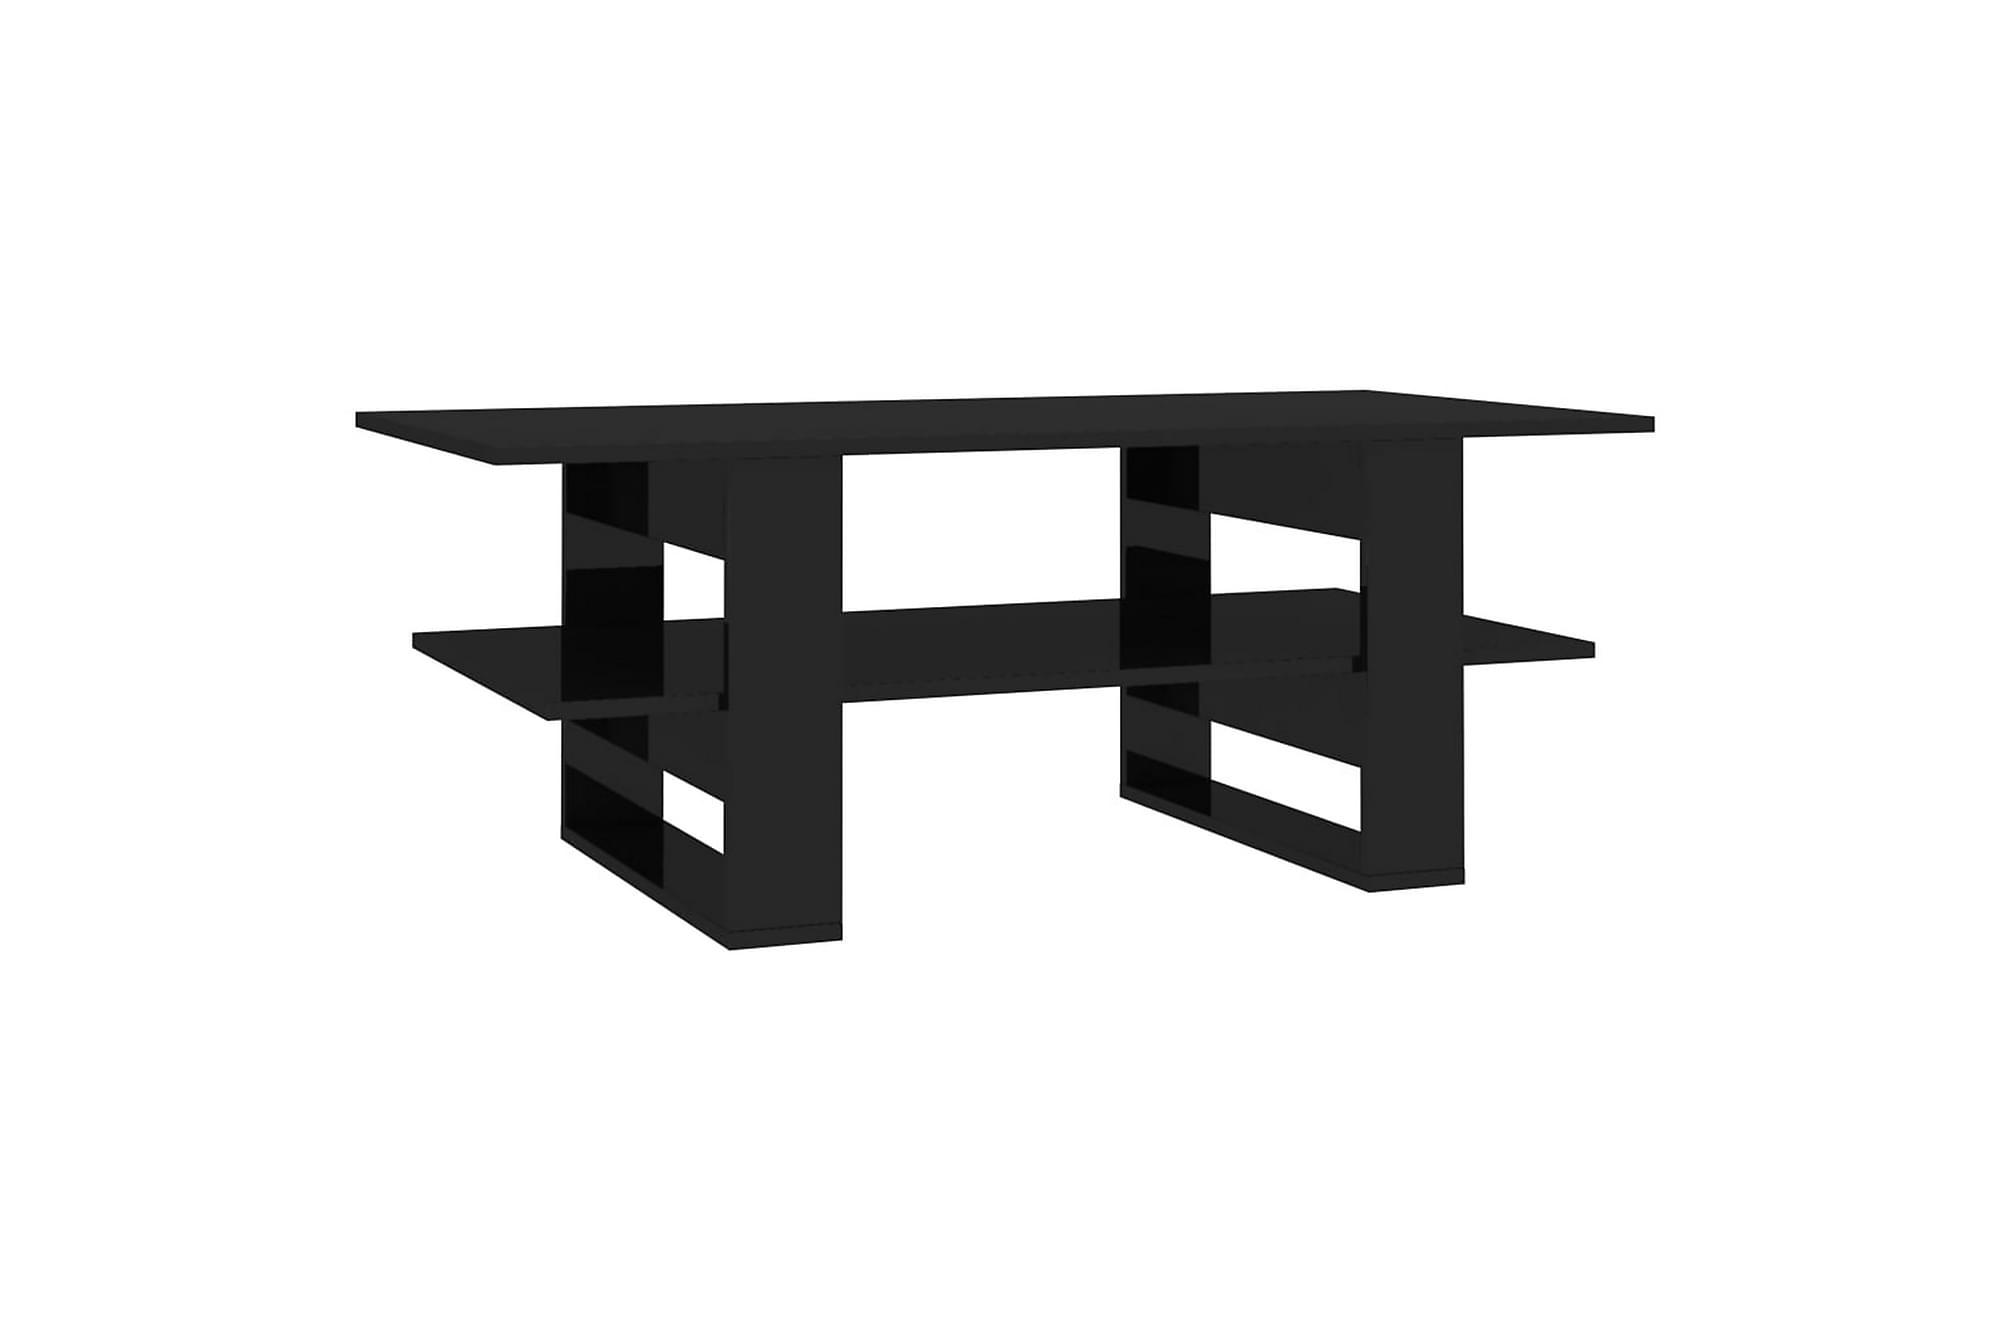 Soffbord svart högglans 110x55x42 cm spånskiva